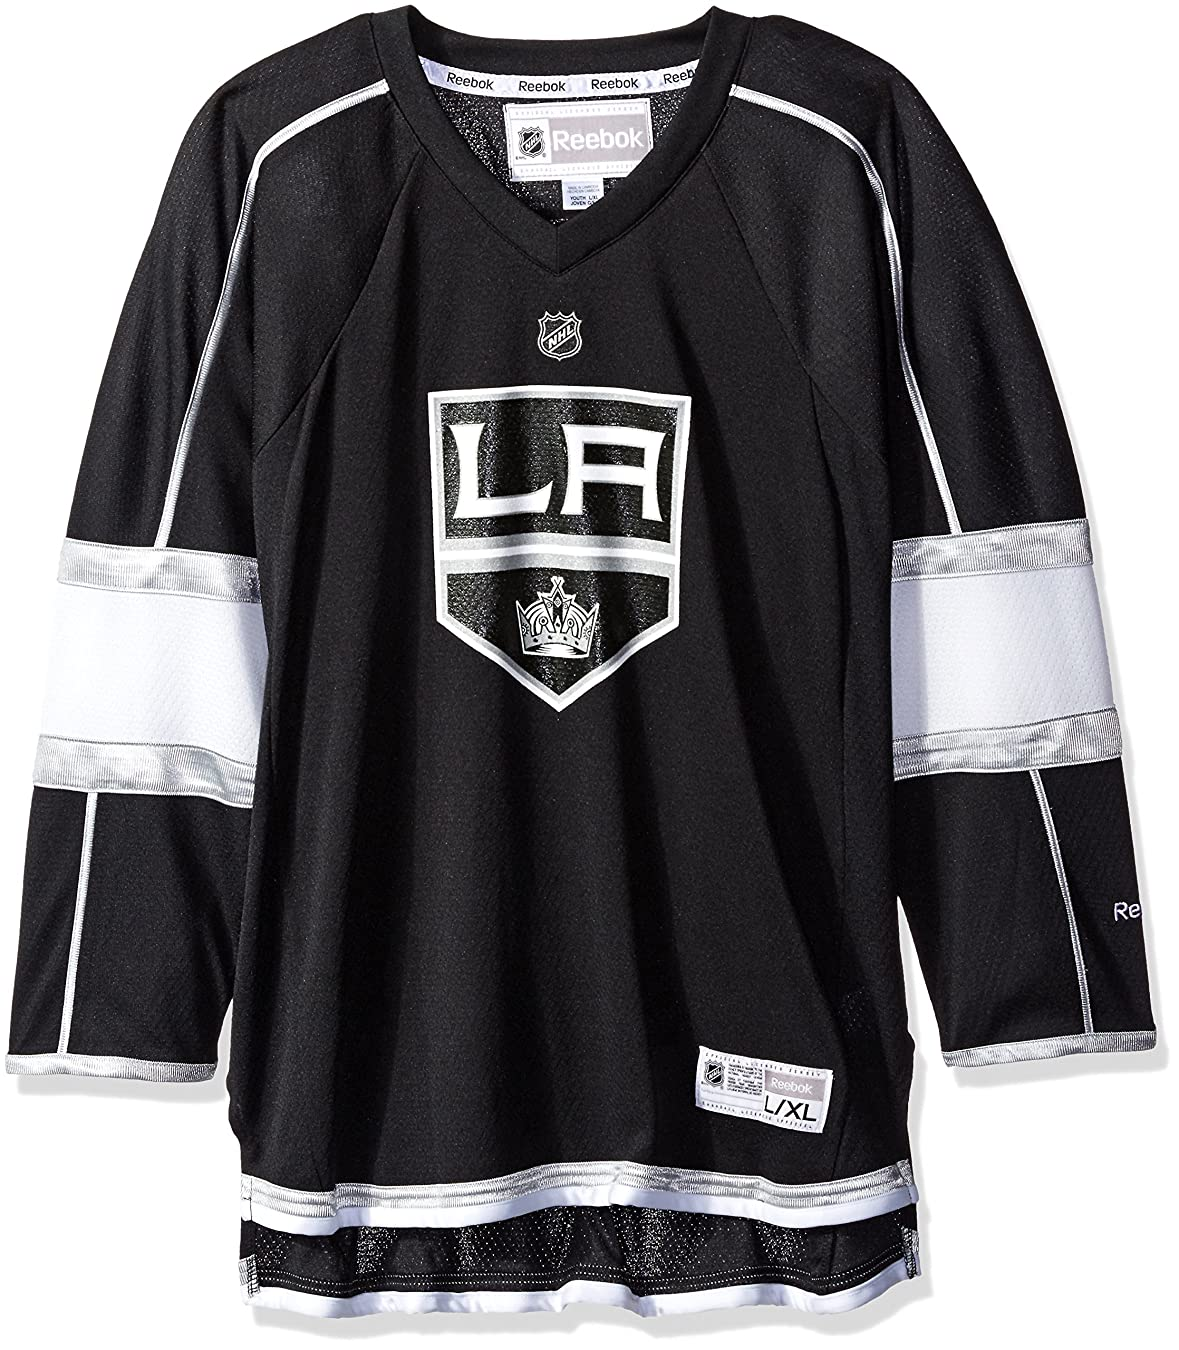 嘆く緩やかなチェリーC&I収集品1215PELIAS NHLパトリック?エリアスニュージャージーデビルズプレーヤープラーク